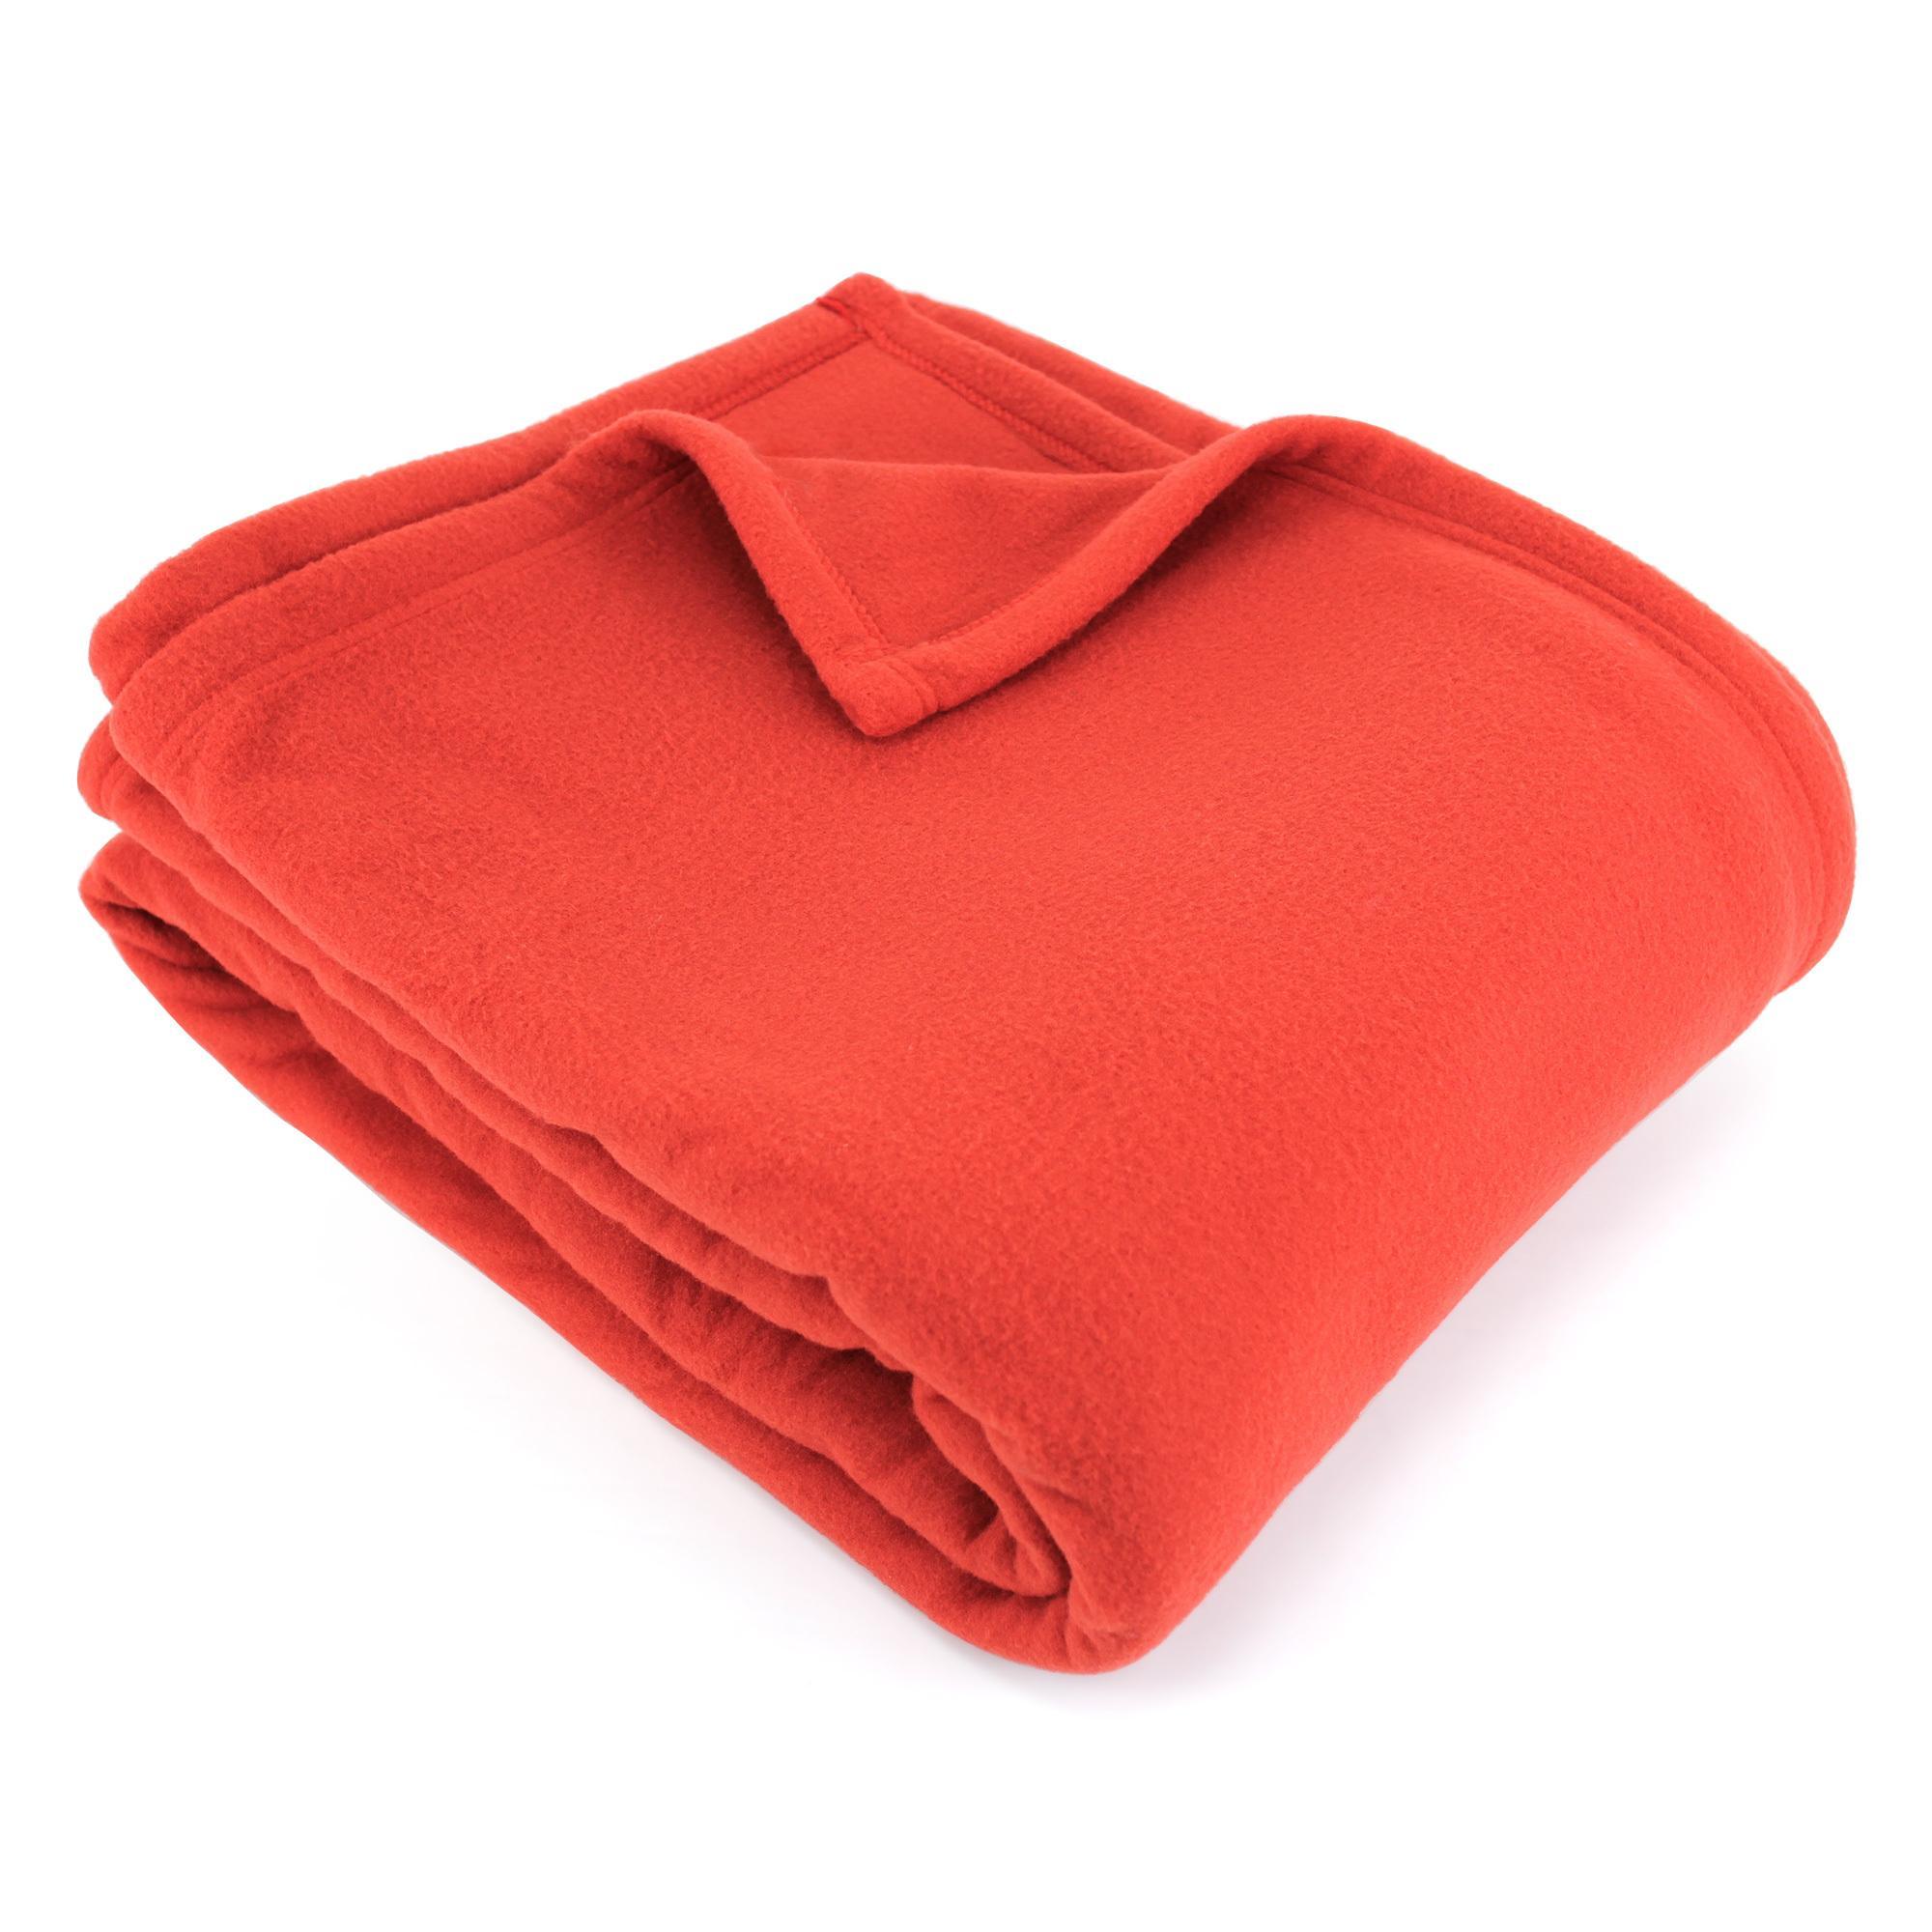 couverture polaire polyester 220x240 cm teddy terracota linnea vente de linge de maison. Black Bedroom Furniture Sets. Home Design Ideas